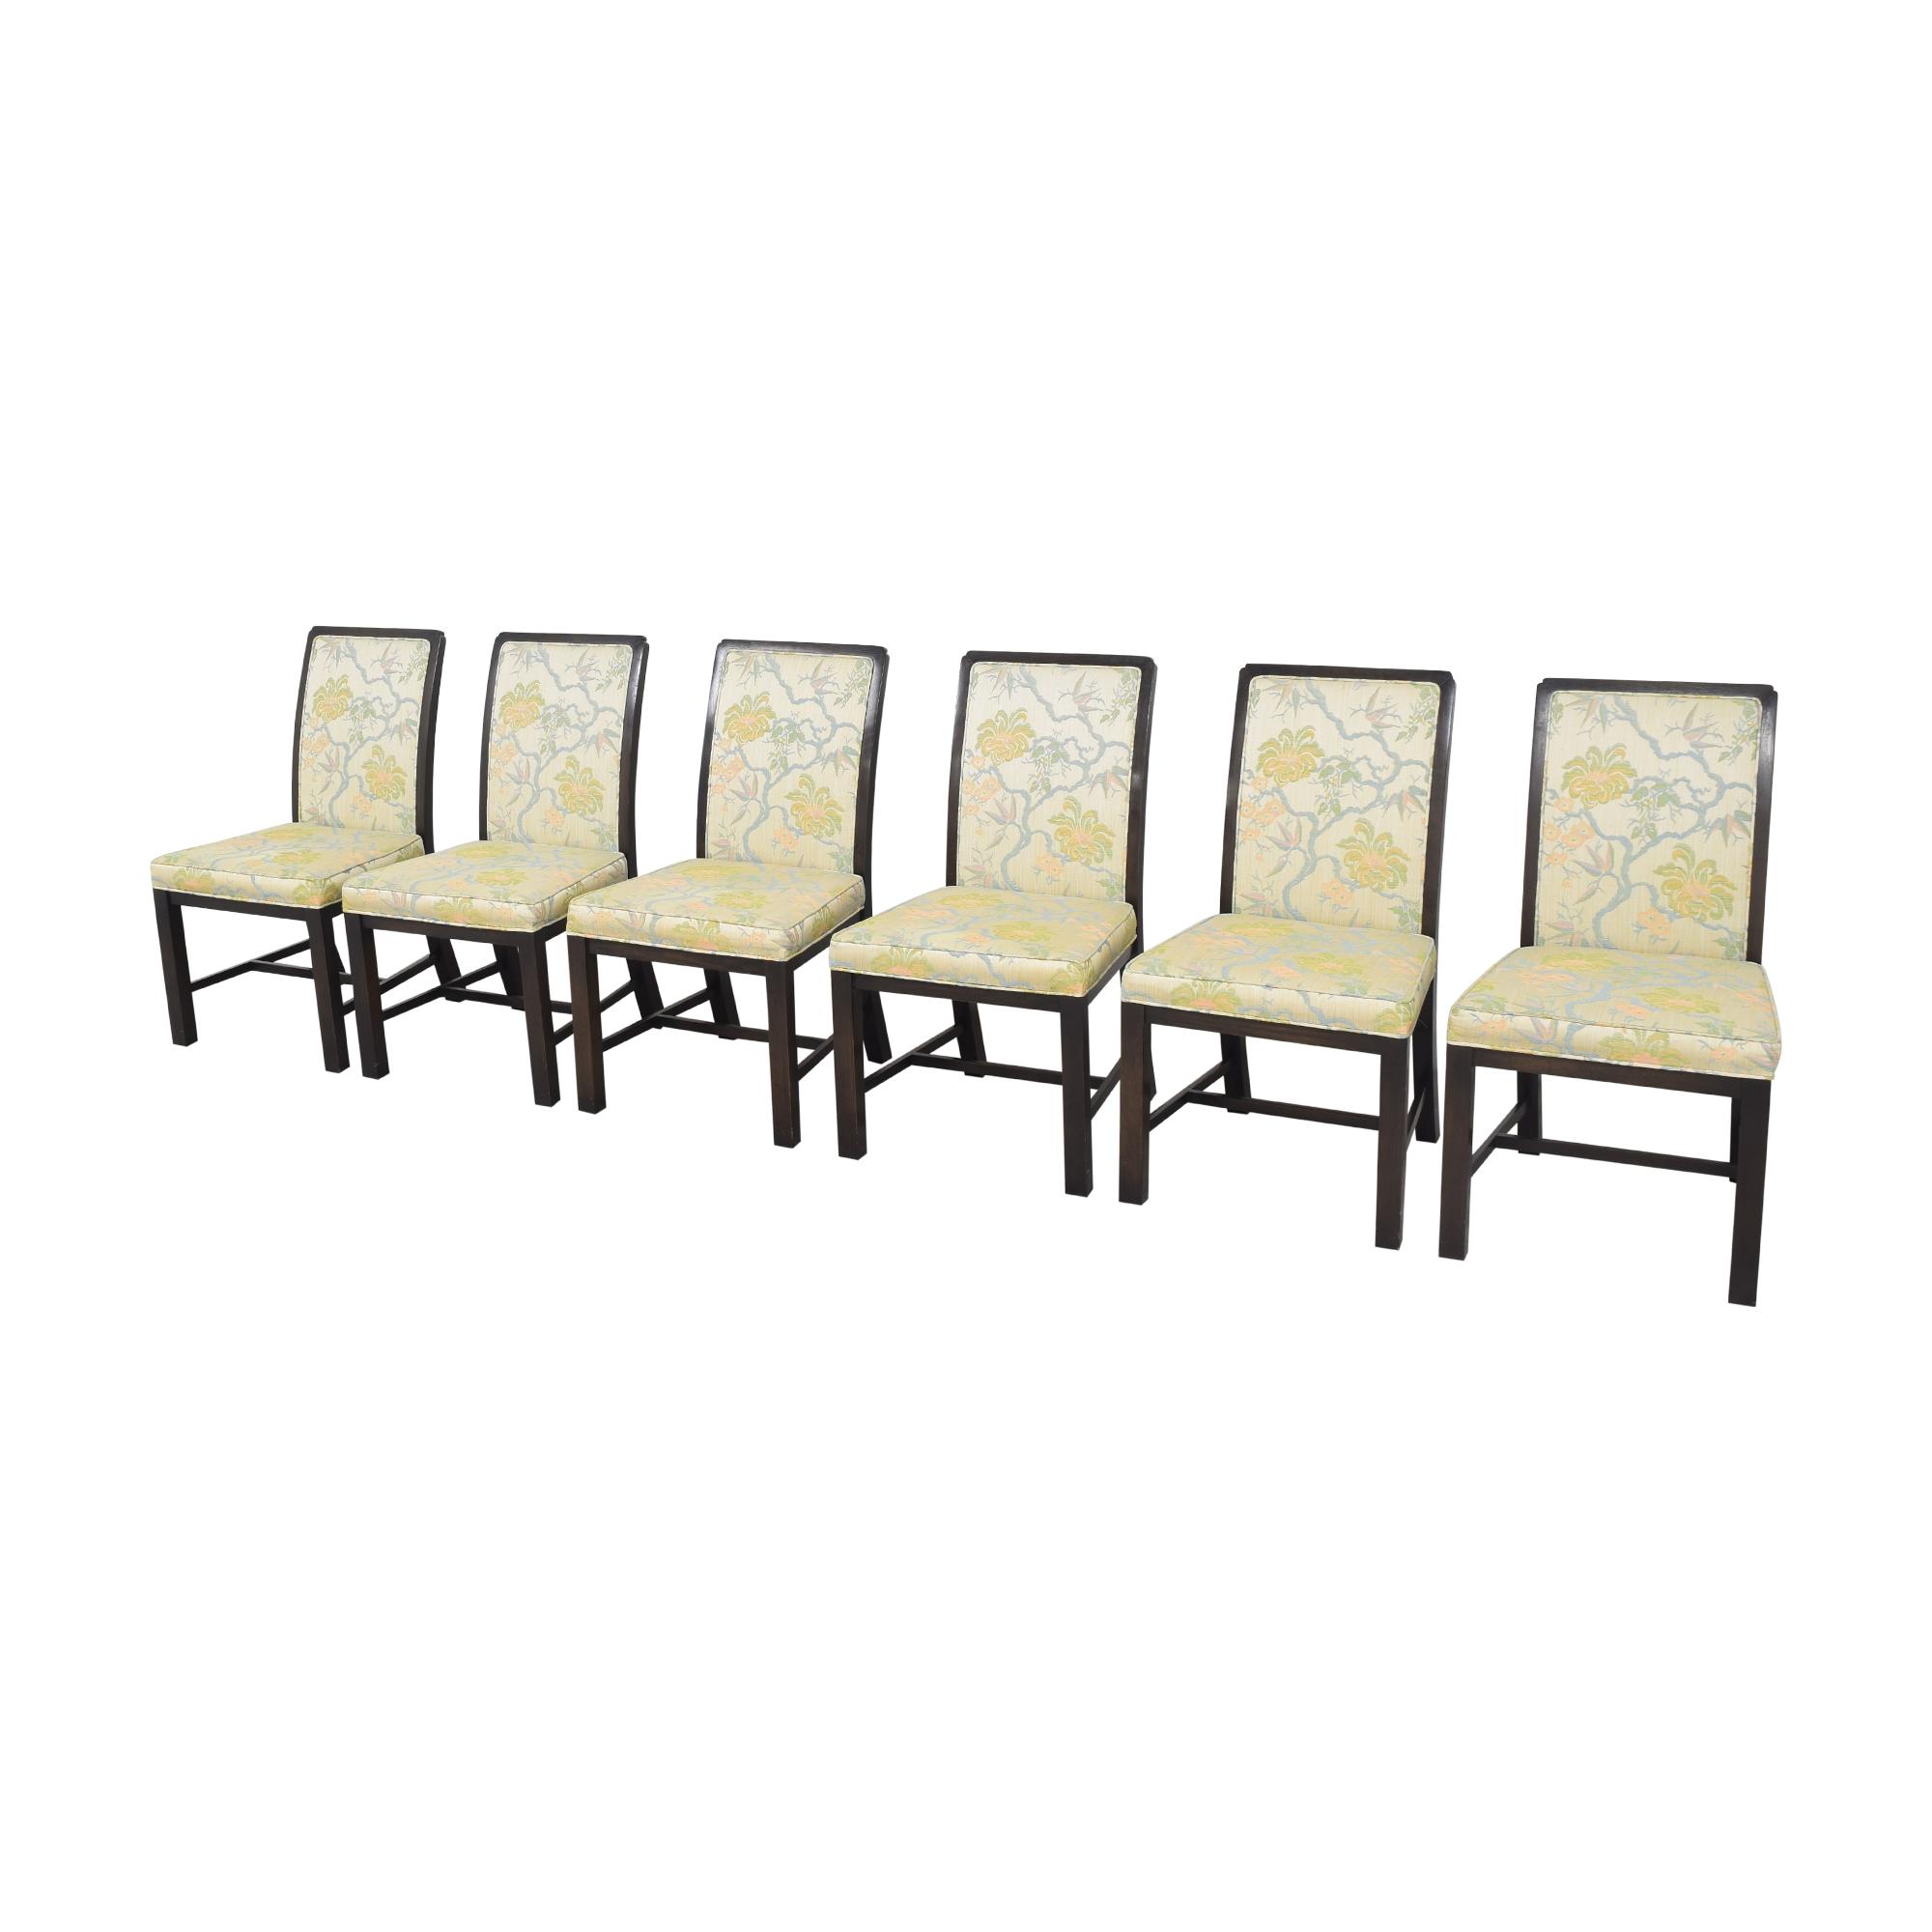 John Stuart Inc. John Stuart Inc. Upholstered Dining Side Chairs